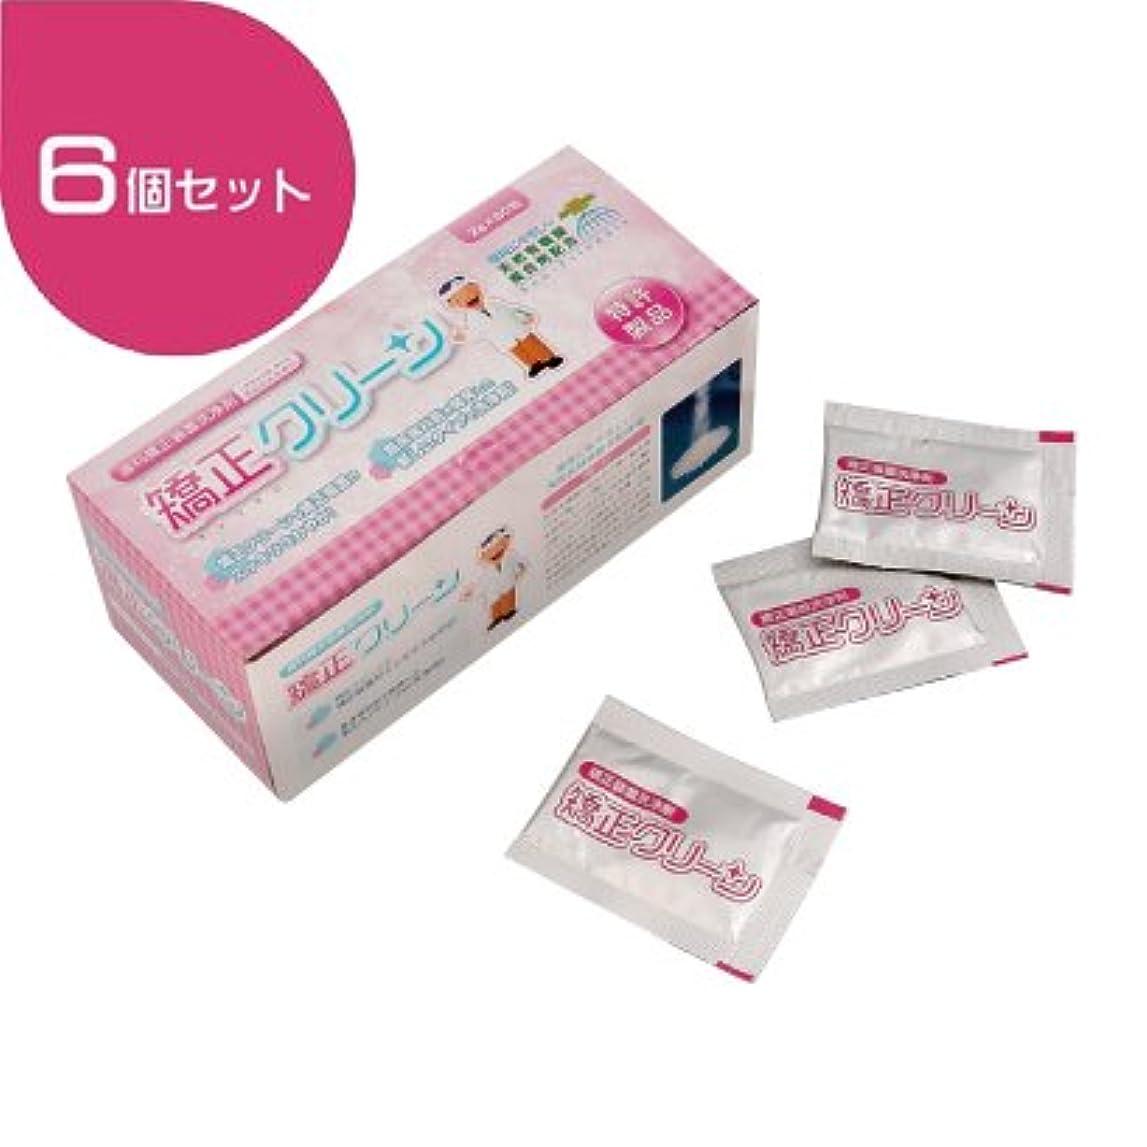 快適農奴時間厳守矯正クリーン 1箱(2g×60包入り) × 6個 歯科矯正装置用洗浄剤